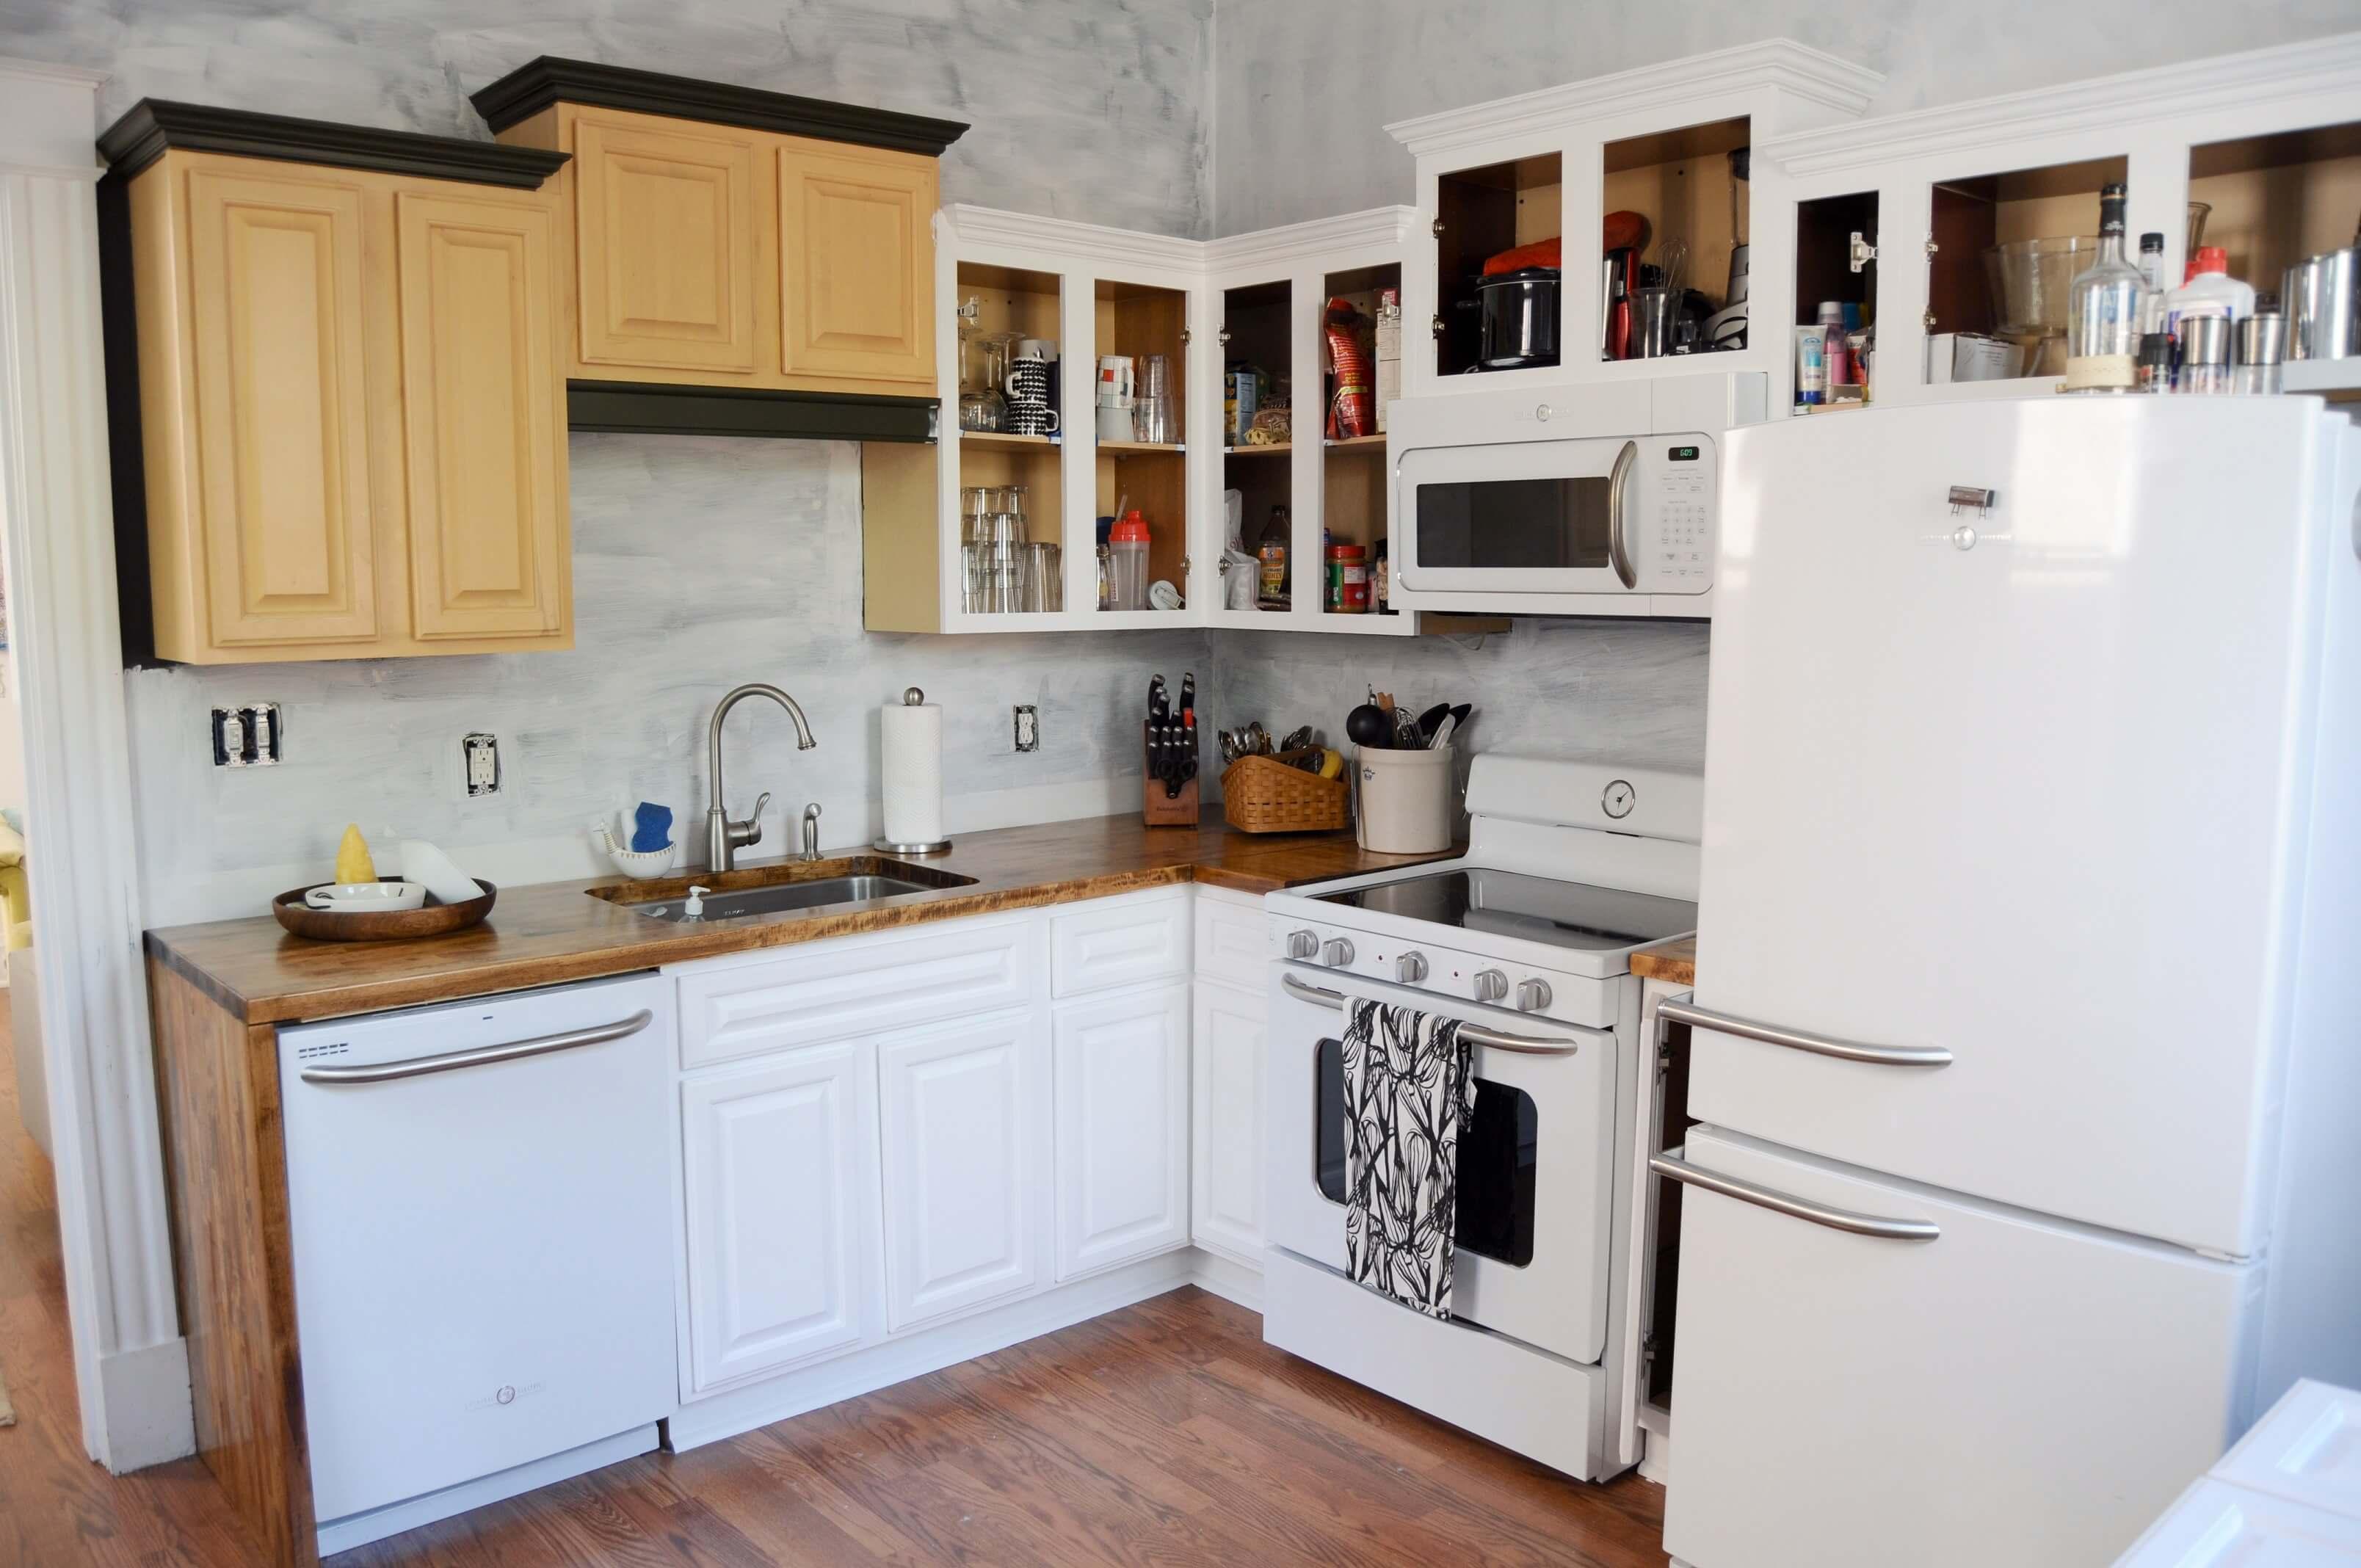 Keukenkasten Verven: Eiken keukenkasten schilderen een espresso ...